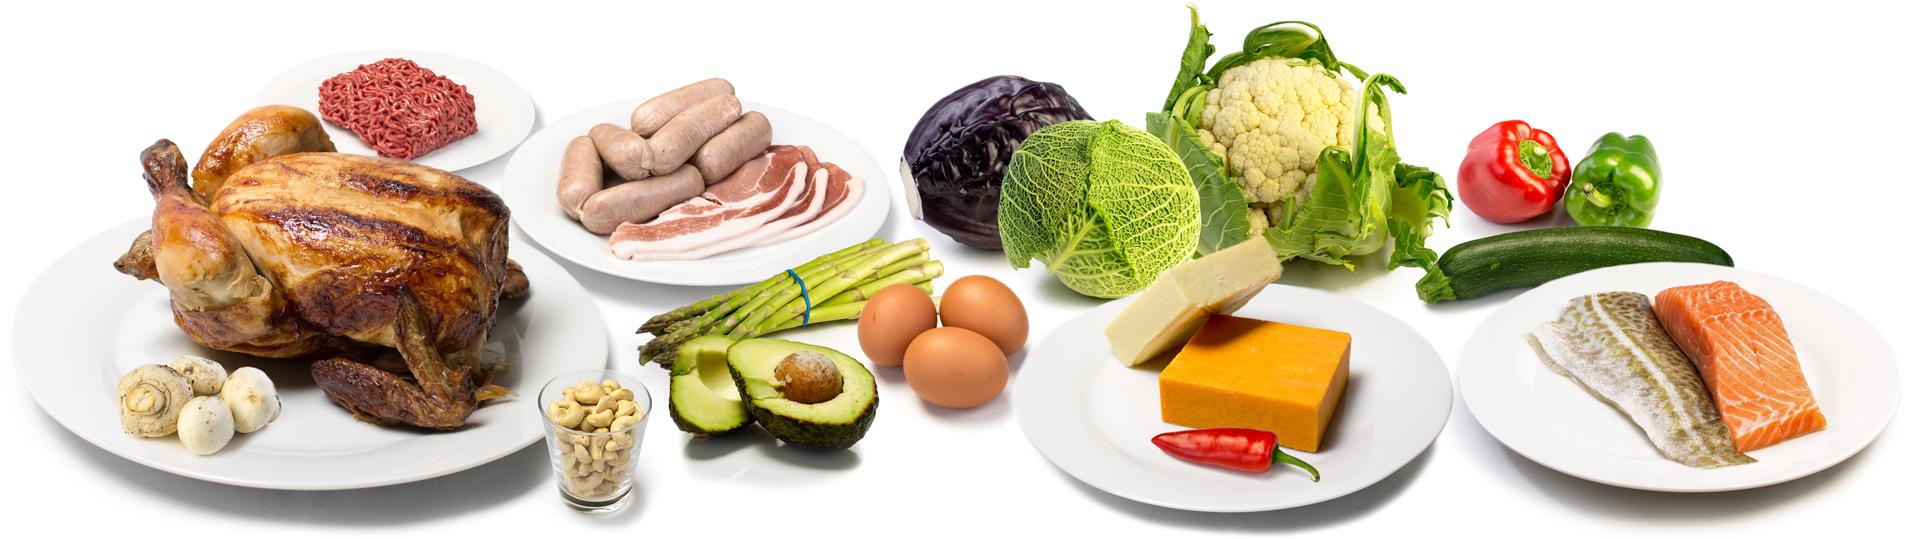 O Que é Uma Dieta Low-Carb (Baixo Teor de Carboidrato)